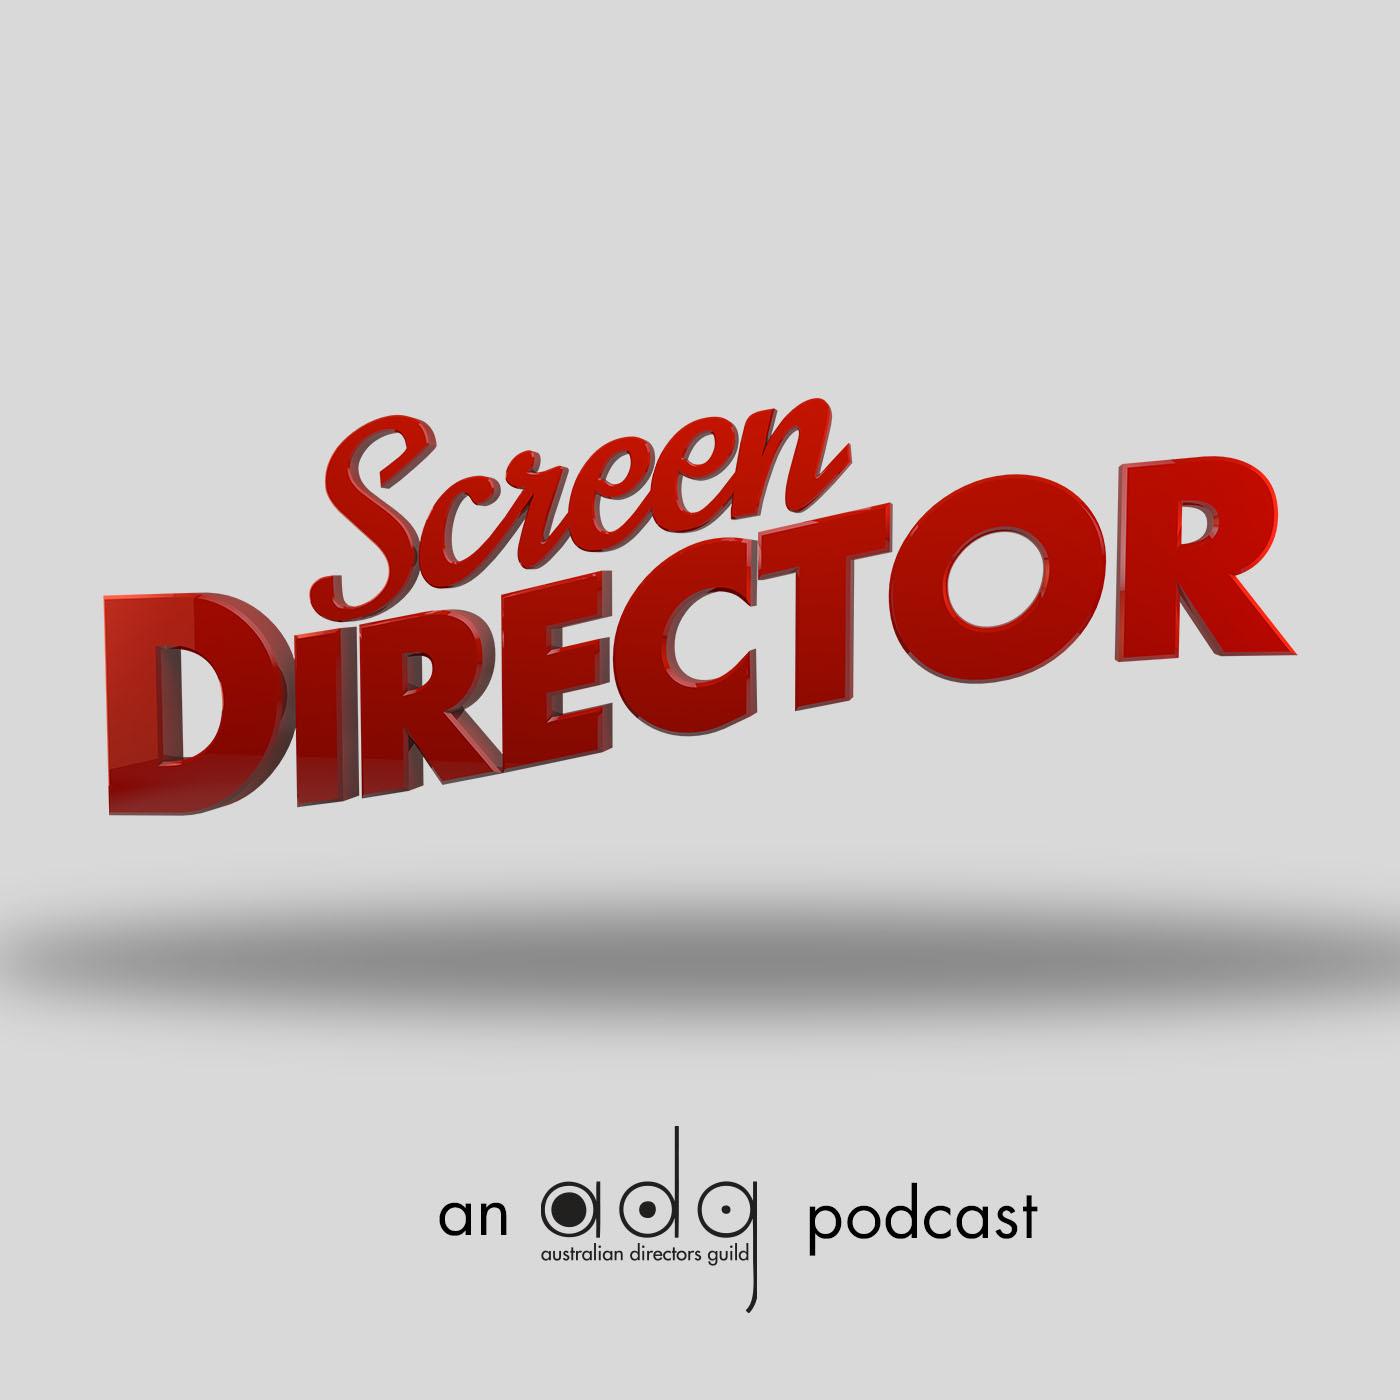 Screen Director